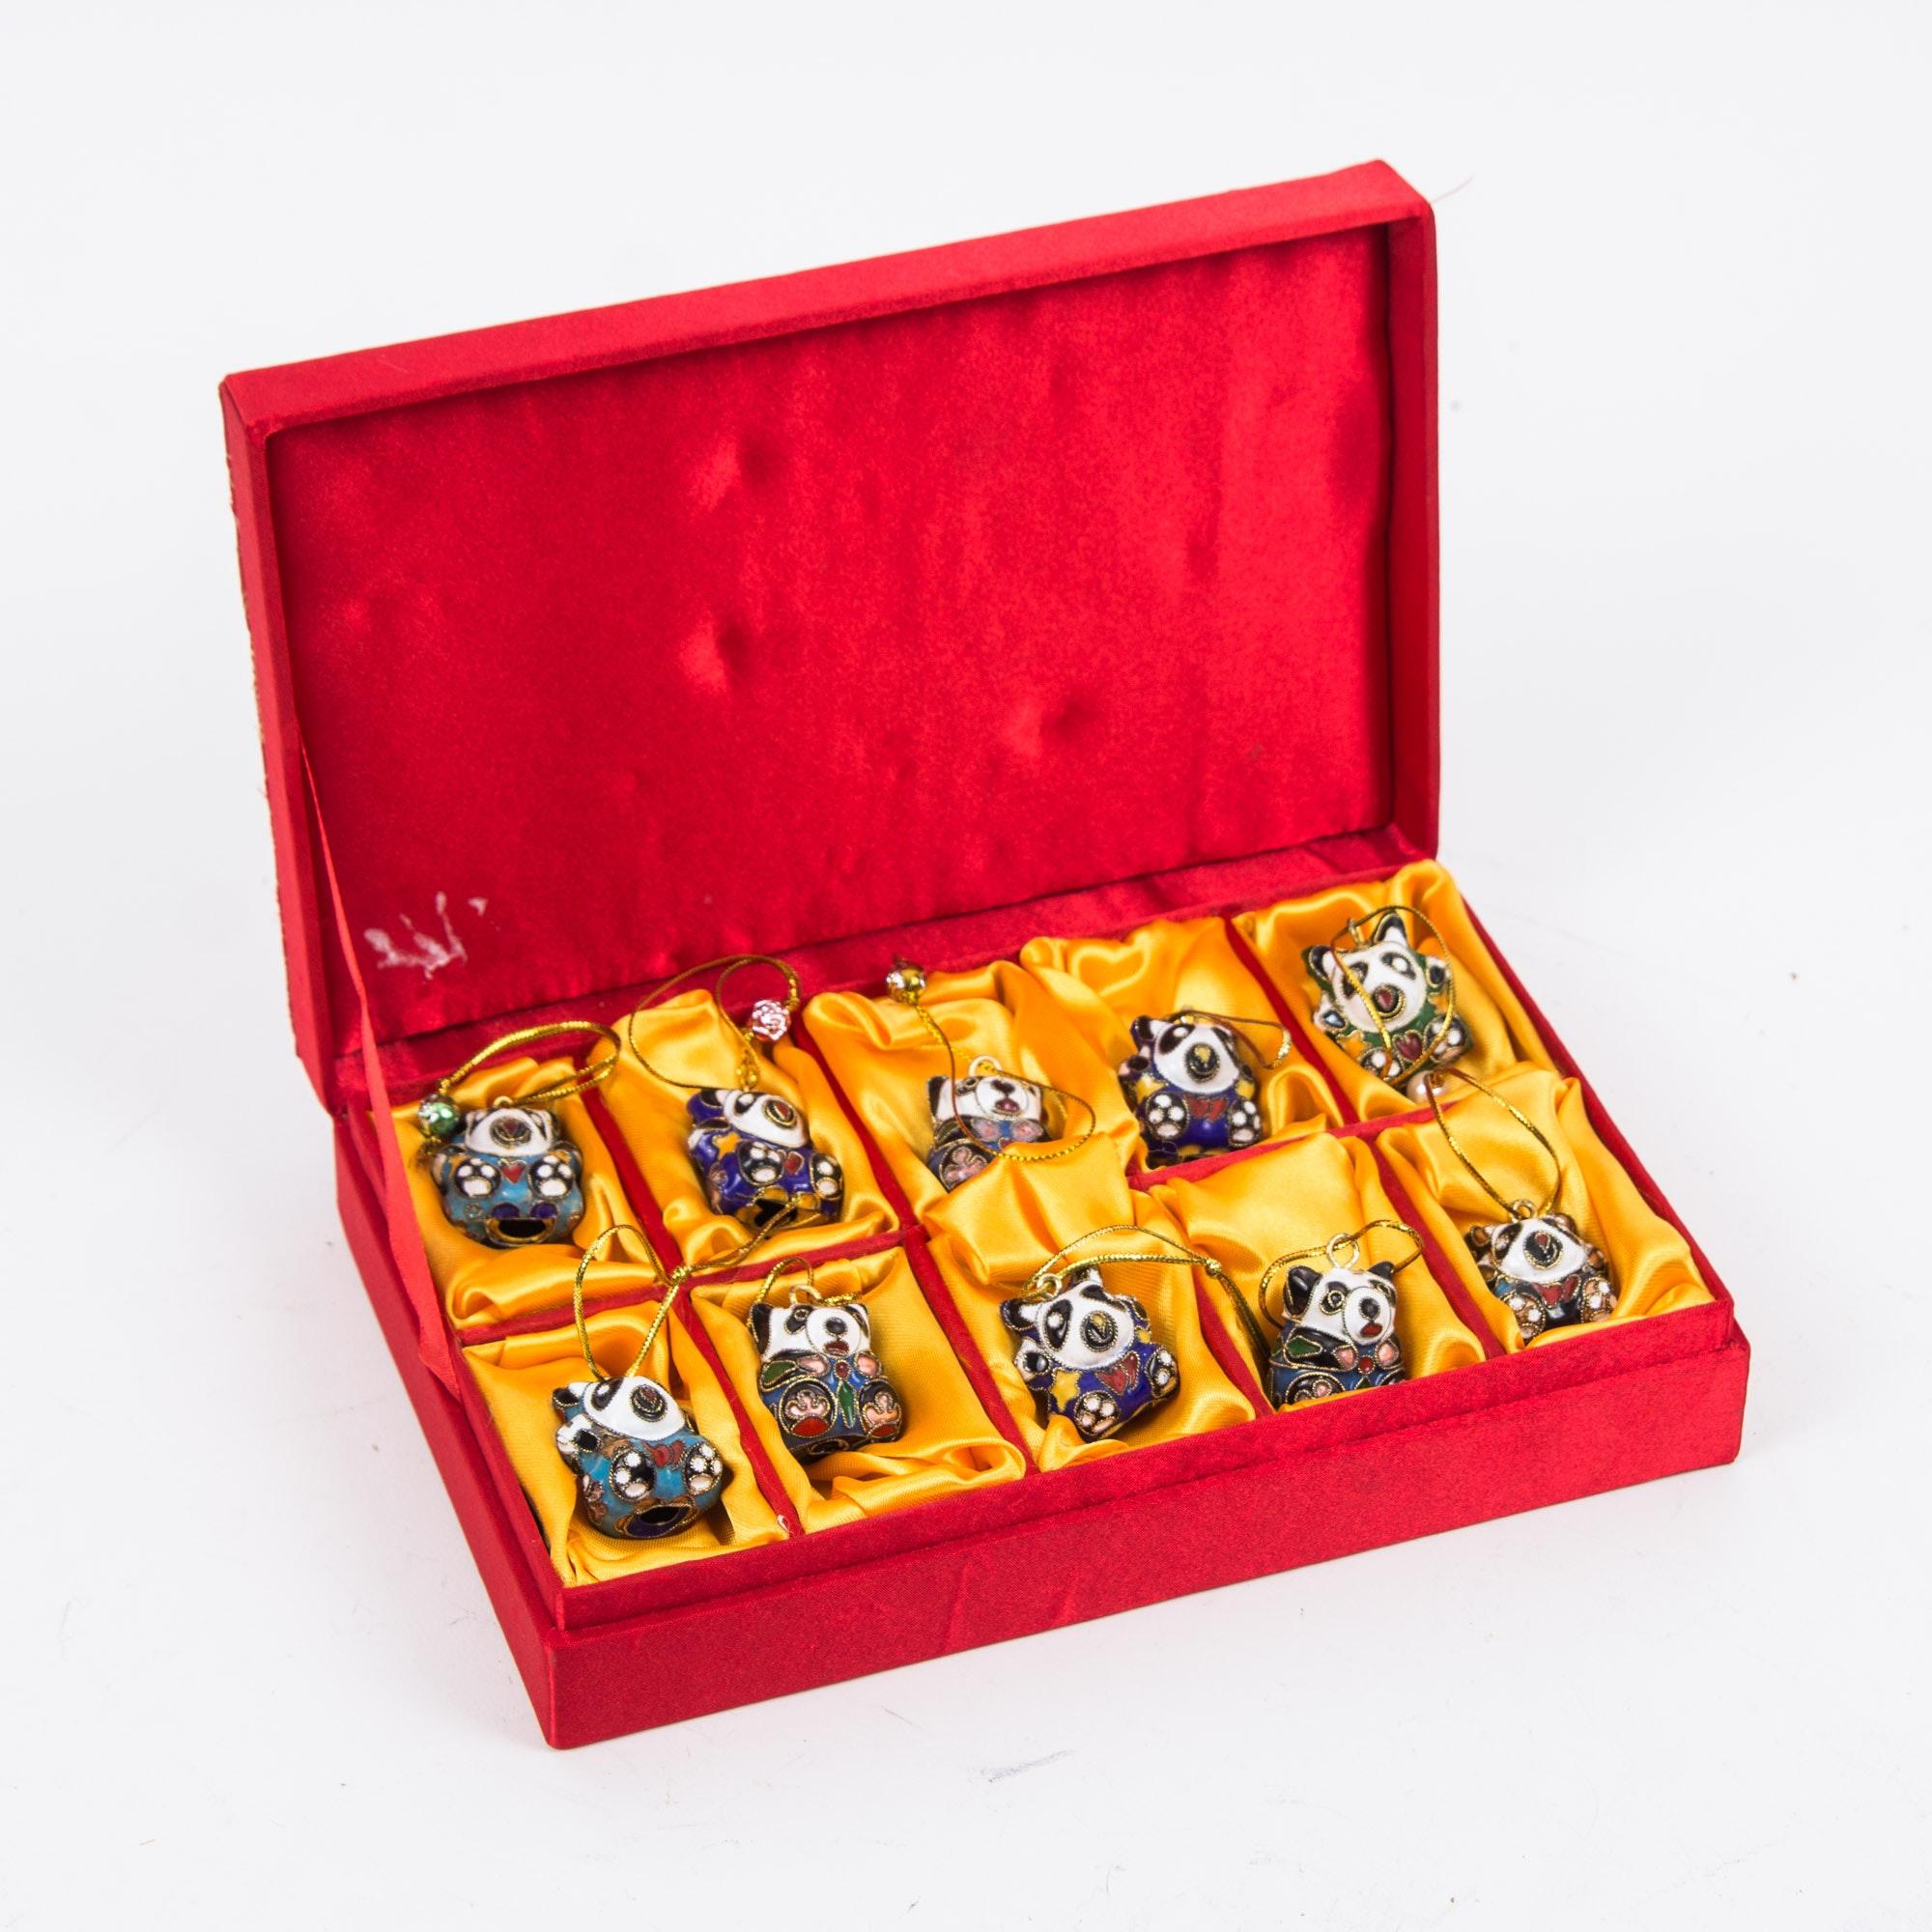 Cloisonné Miniature Panda Ornaments